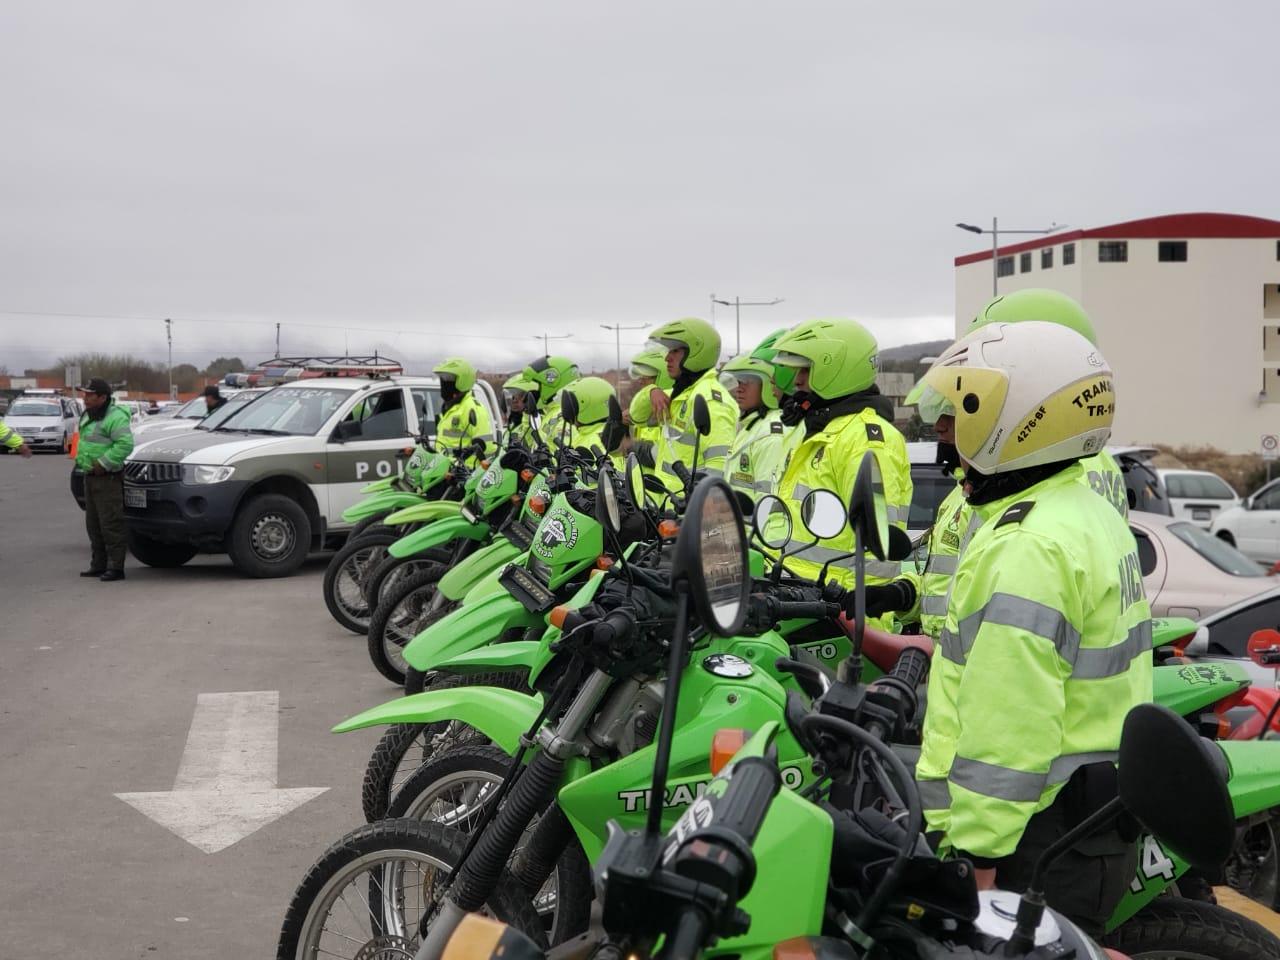 """Policía inicia """"Plan de Seguridad Tecnológica"""" en terminal y carreteras de Tarija"""